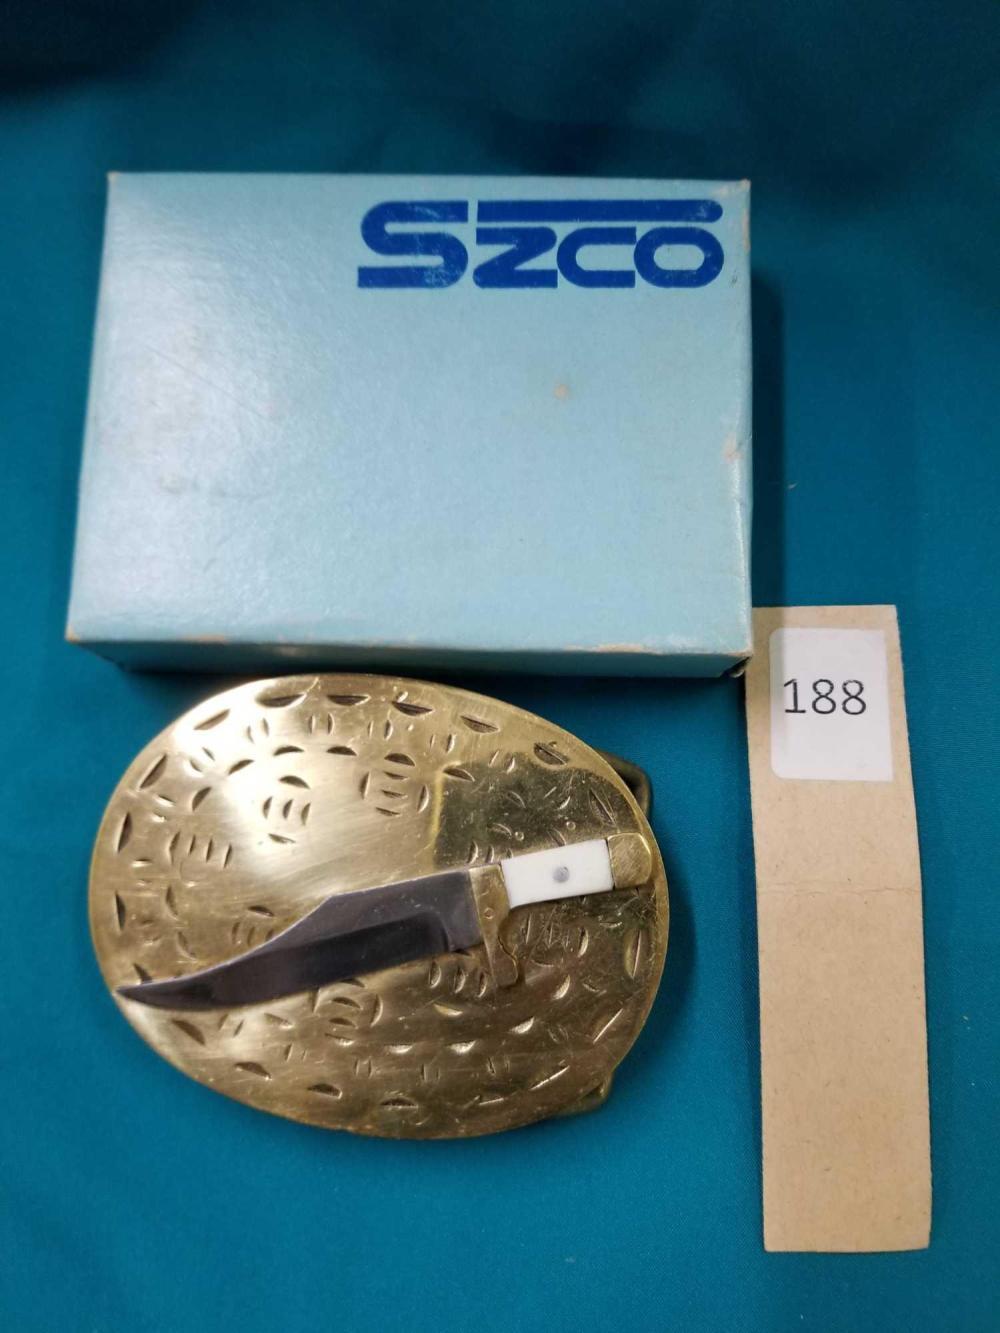 SZCO BRASS KNIFE BELT BUCKLE IN THE BOX